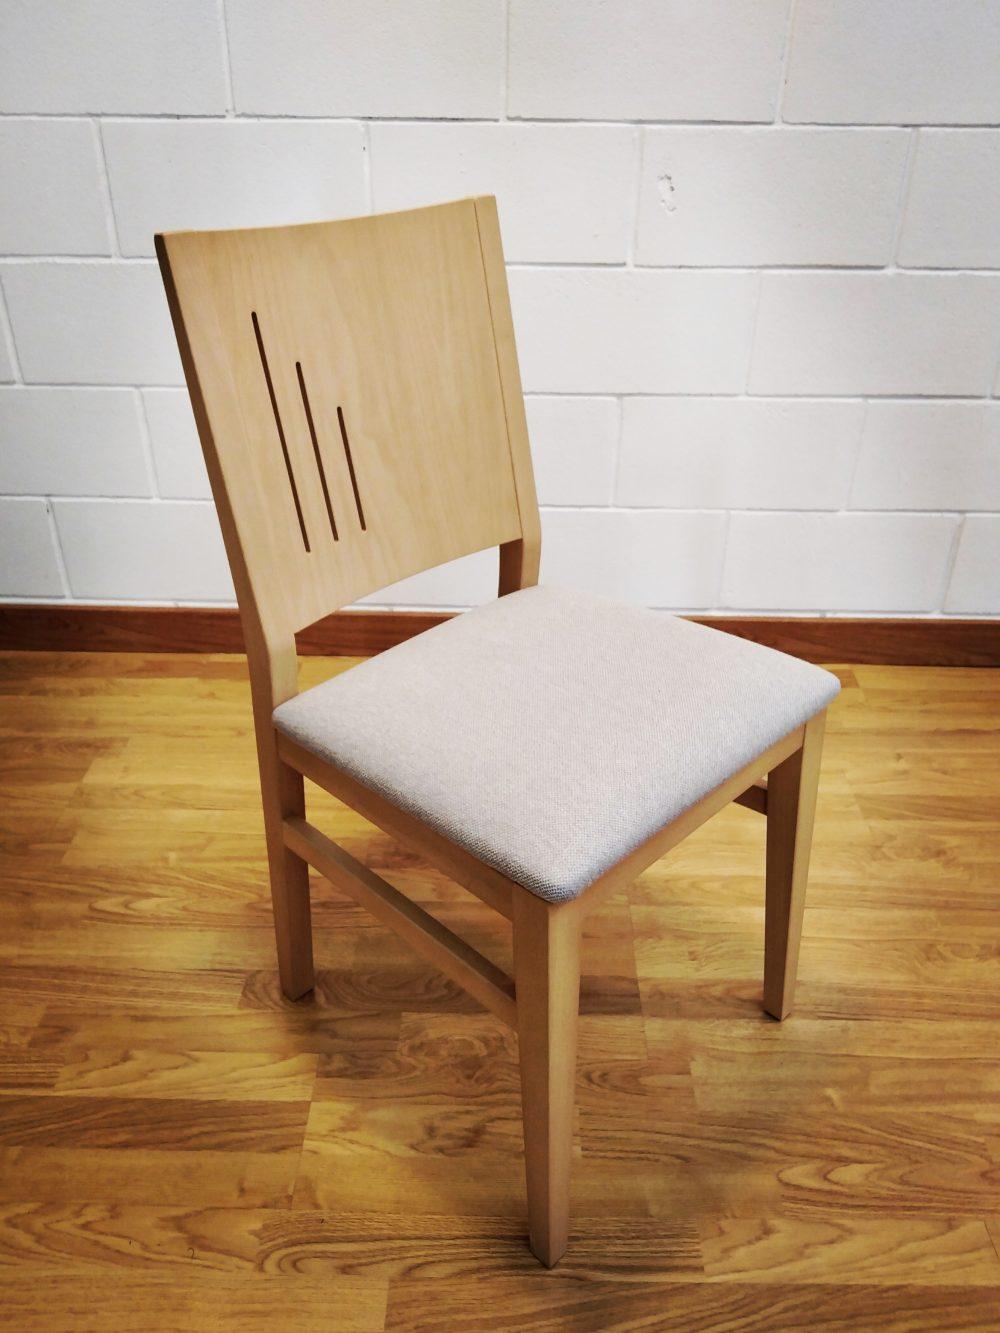 silla-39-de-tiendadecohome-en-vizcaya